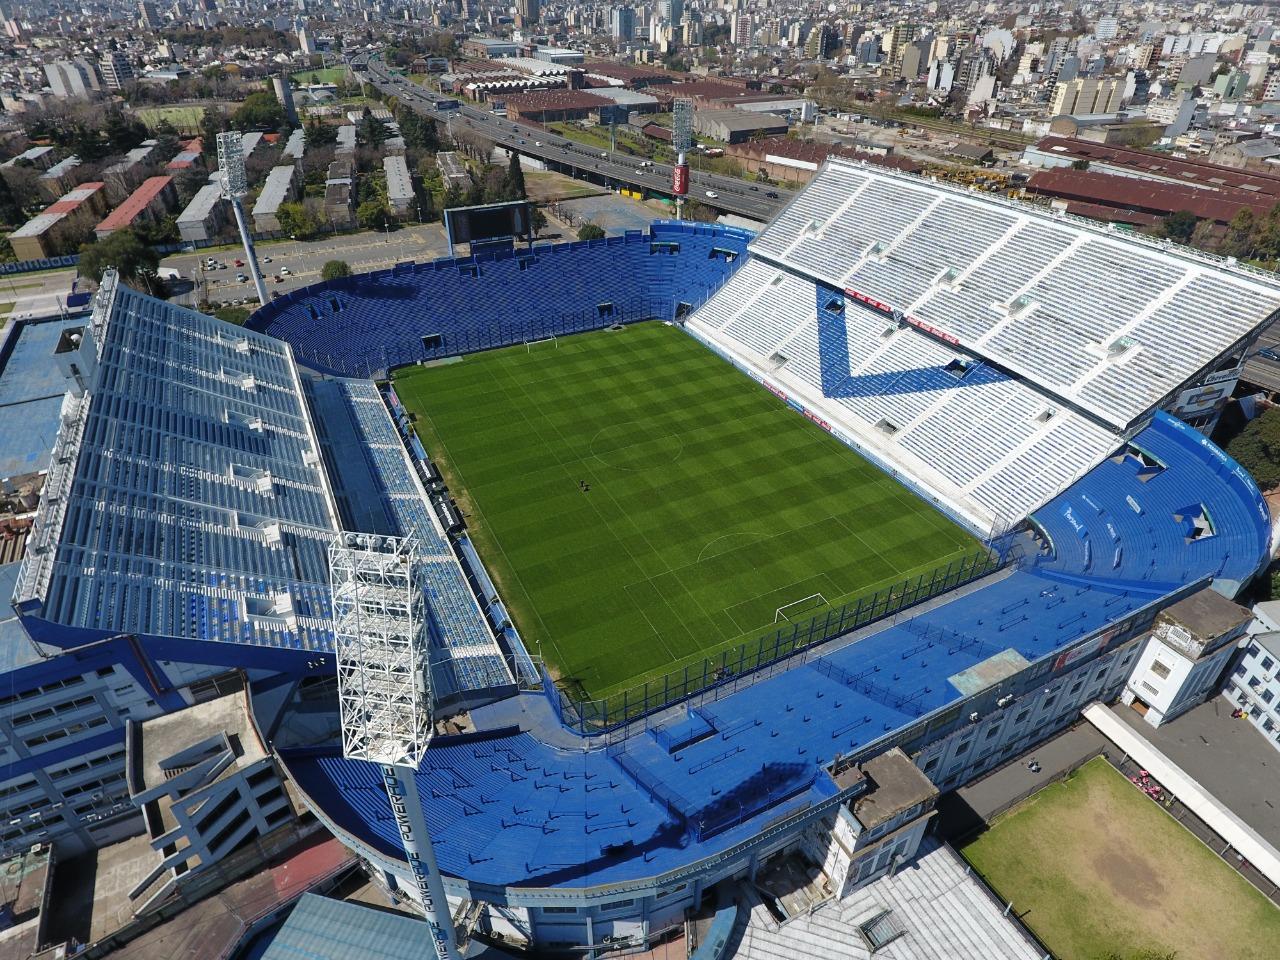 Resultado da imagem para o Estádio José Amalfitani (Veléz)